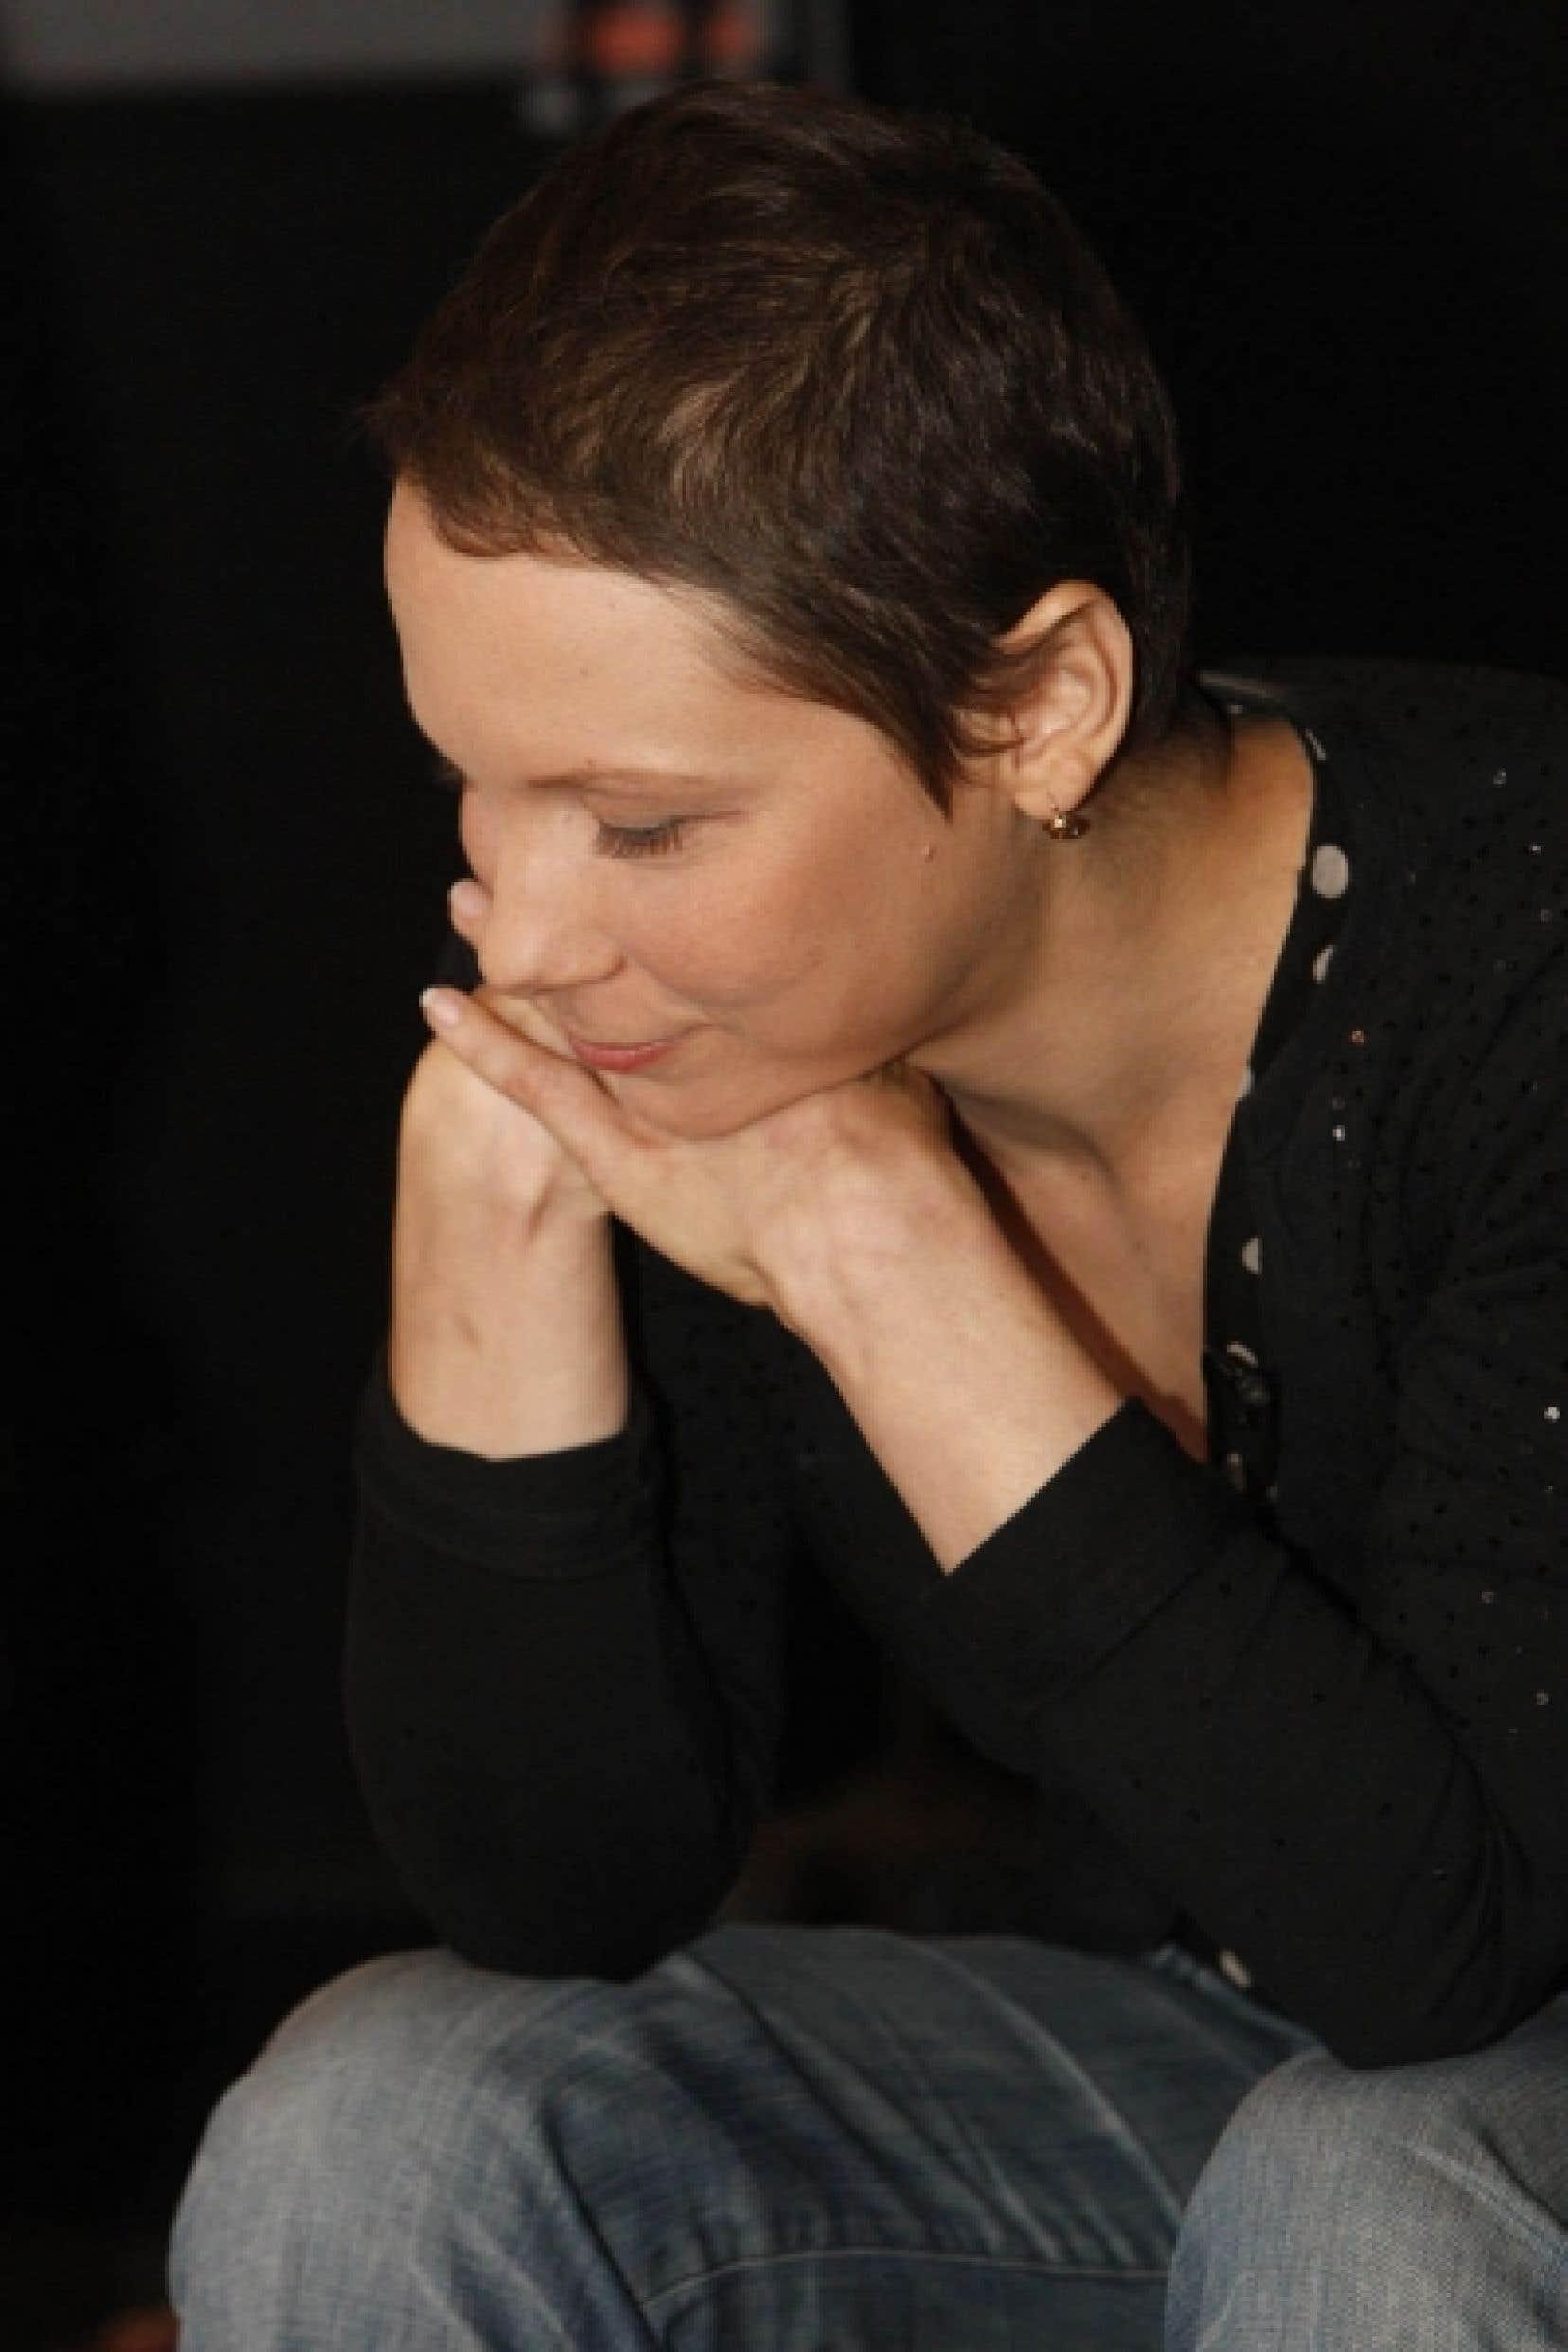 La chanteuse lors du lancement de son plus récent album, Lhasa, en mars 2009.